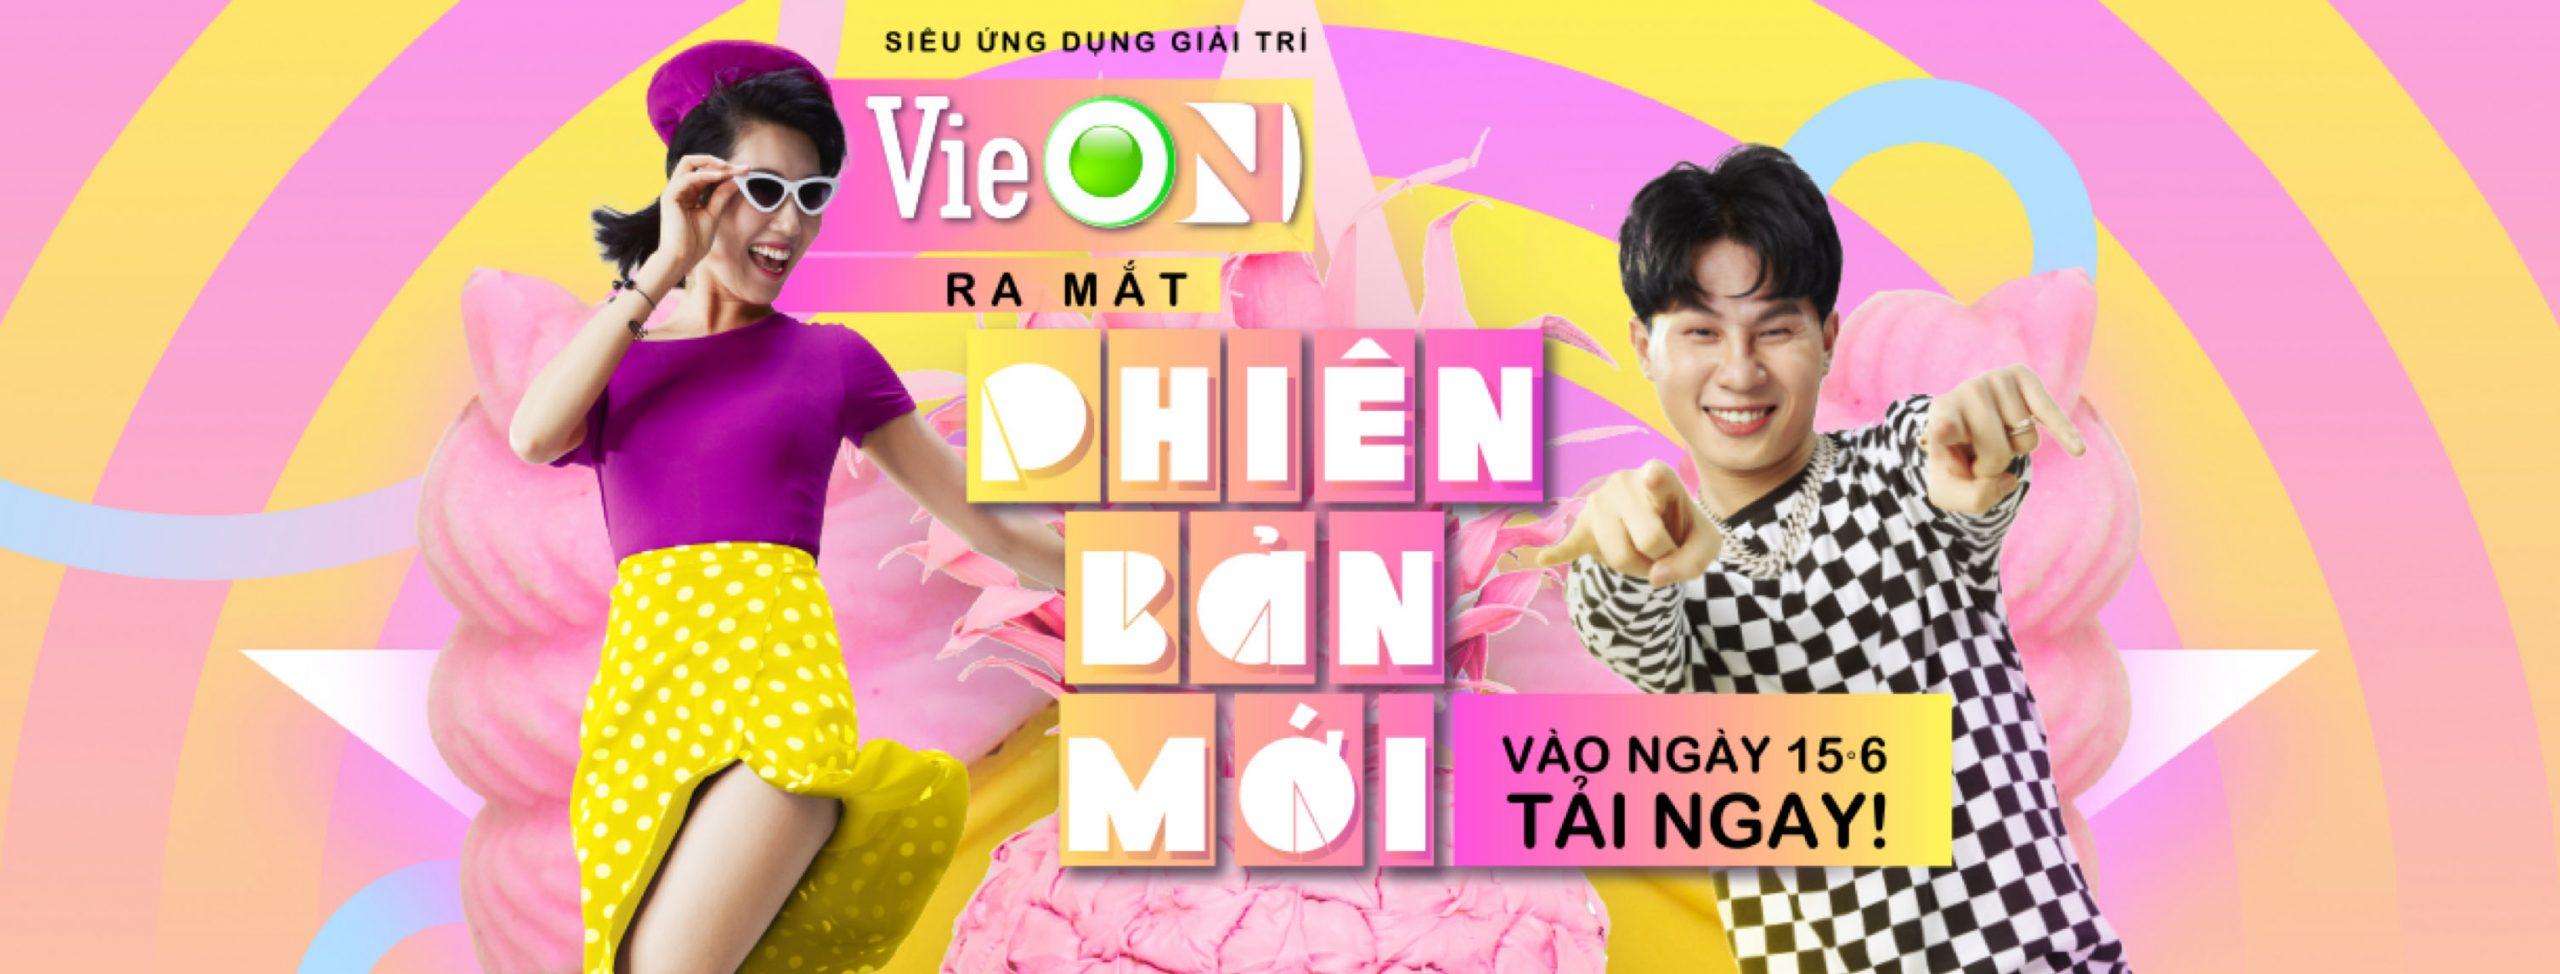 VIEON-01